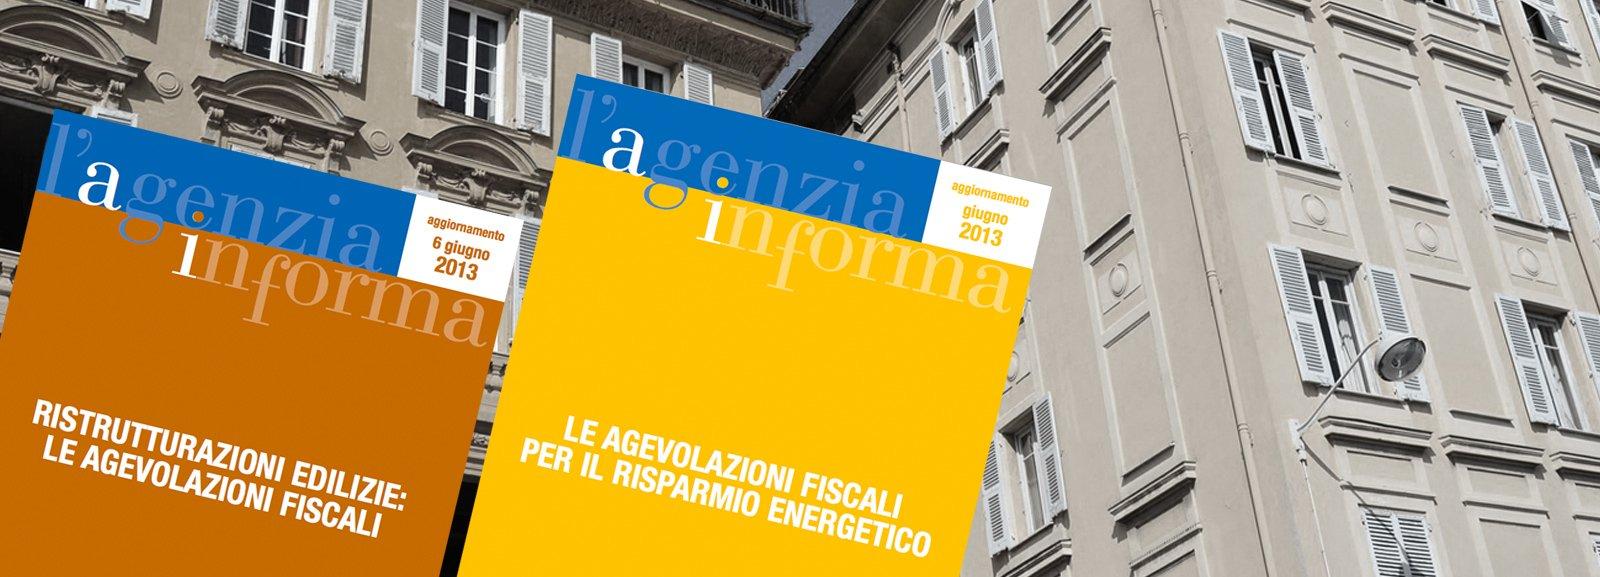 agevolazioni fiscali 2013 le guide dell 39 agenzia delle